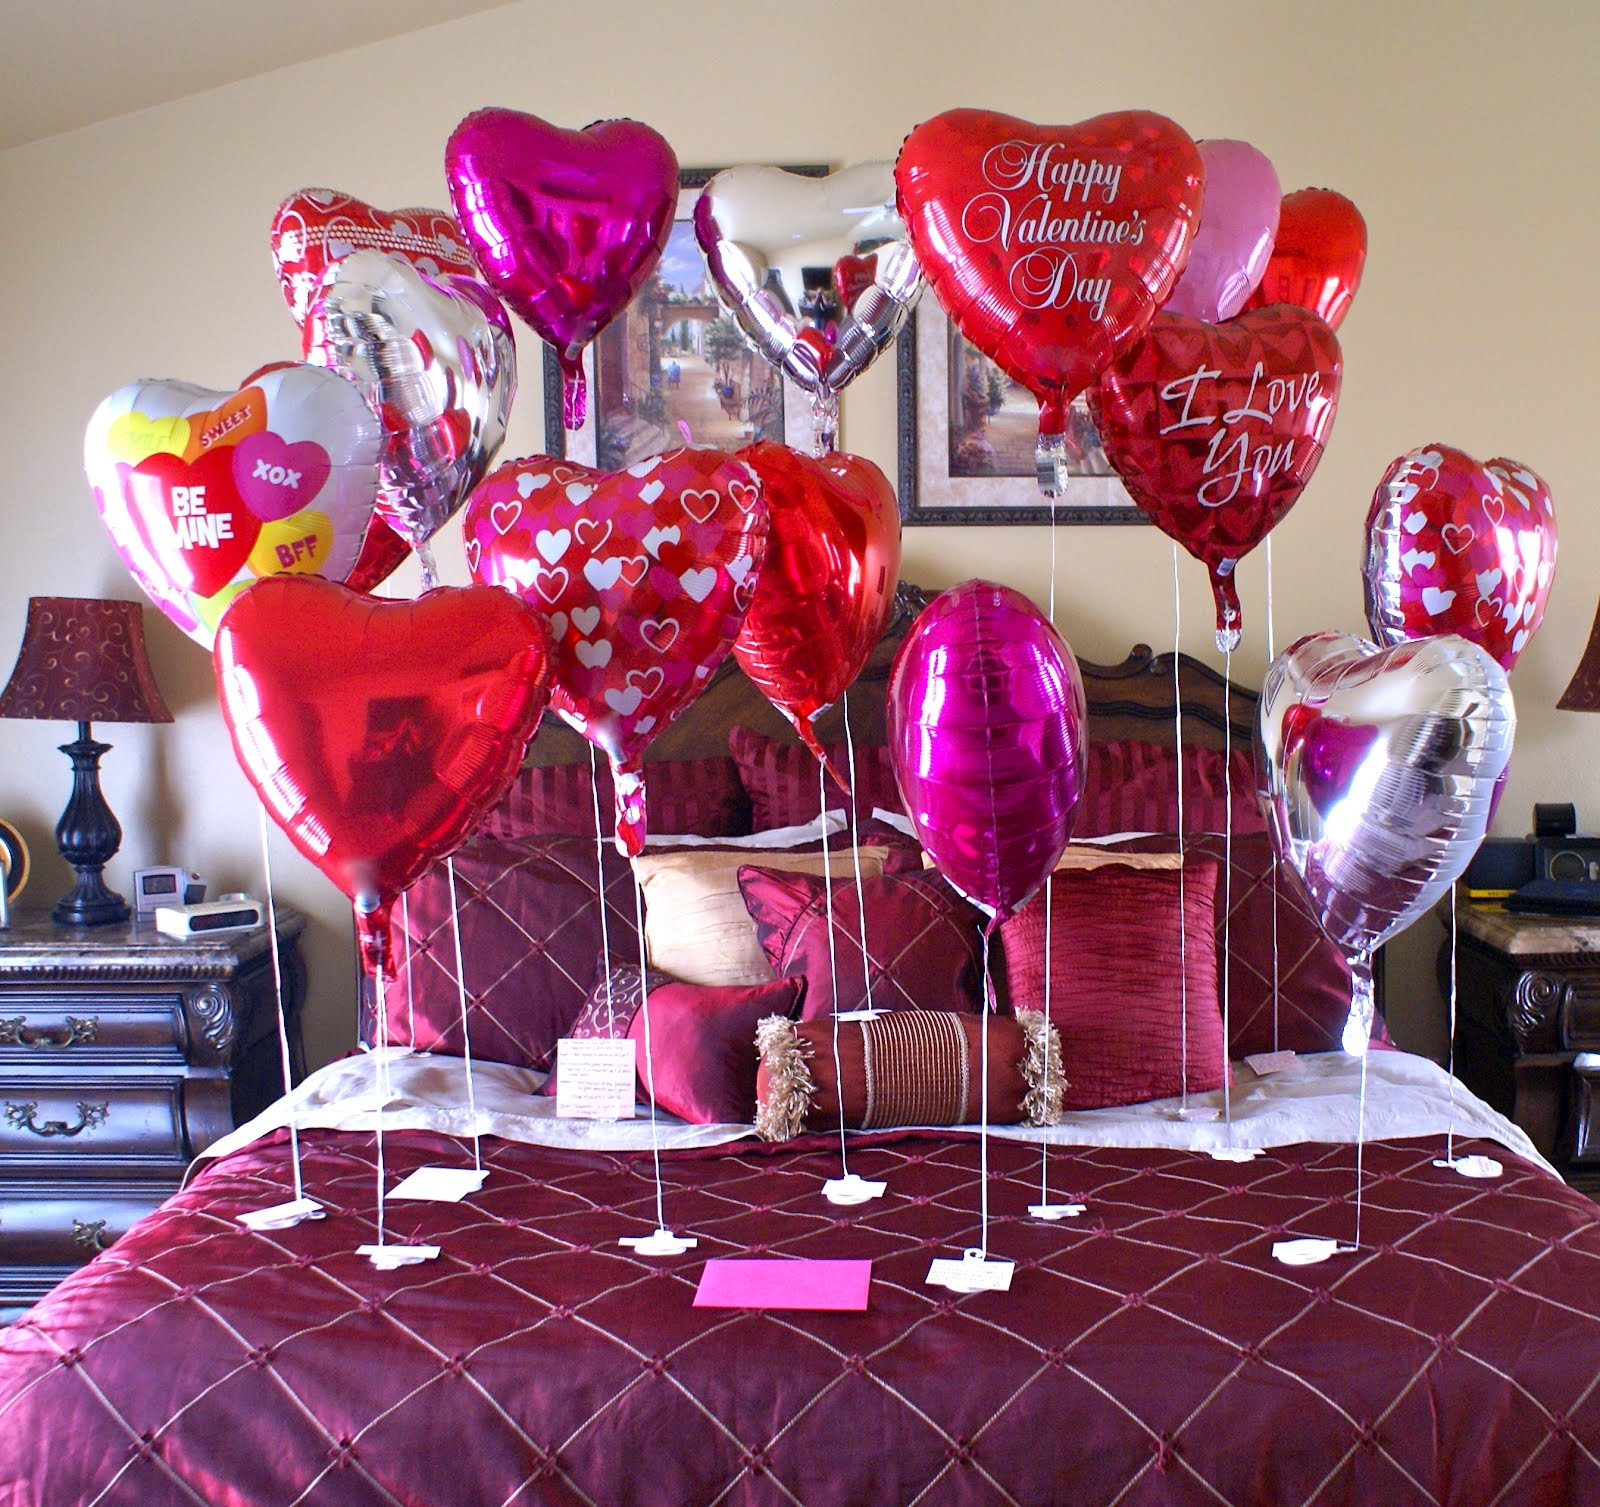 Idee per san valentino il bricolage san valentino idee - Decorazioni per san valentino fai da te ...